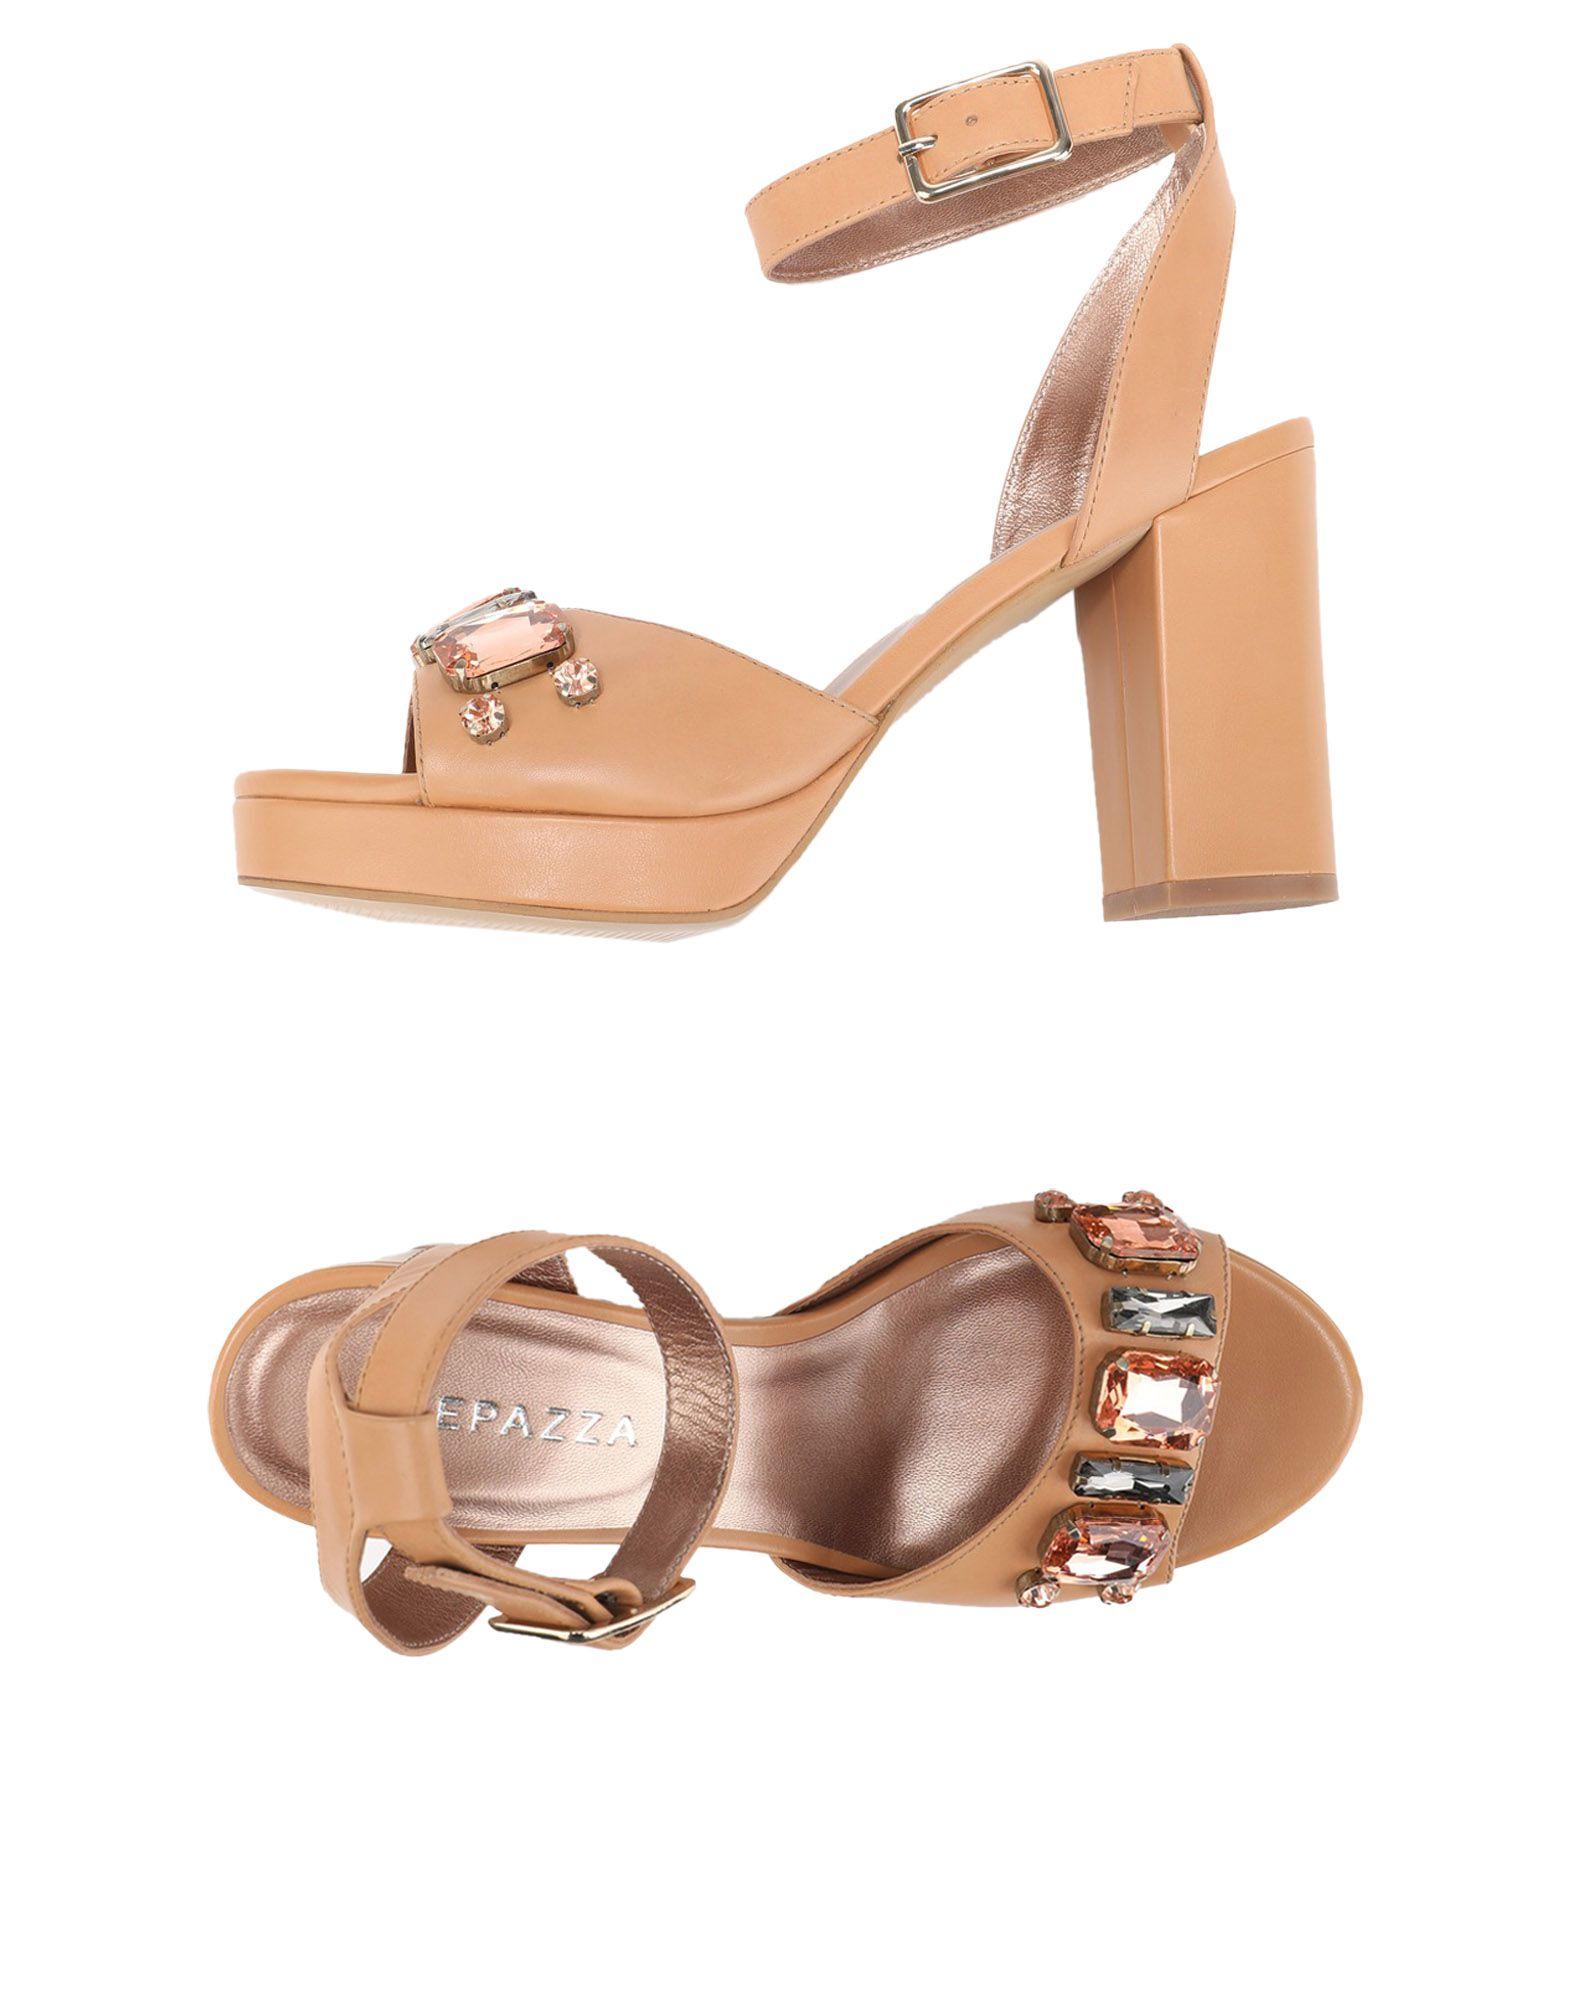 Apepazza Sandalen Damen  11372078BL Gute Qualität beliebte Schuhe